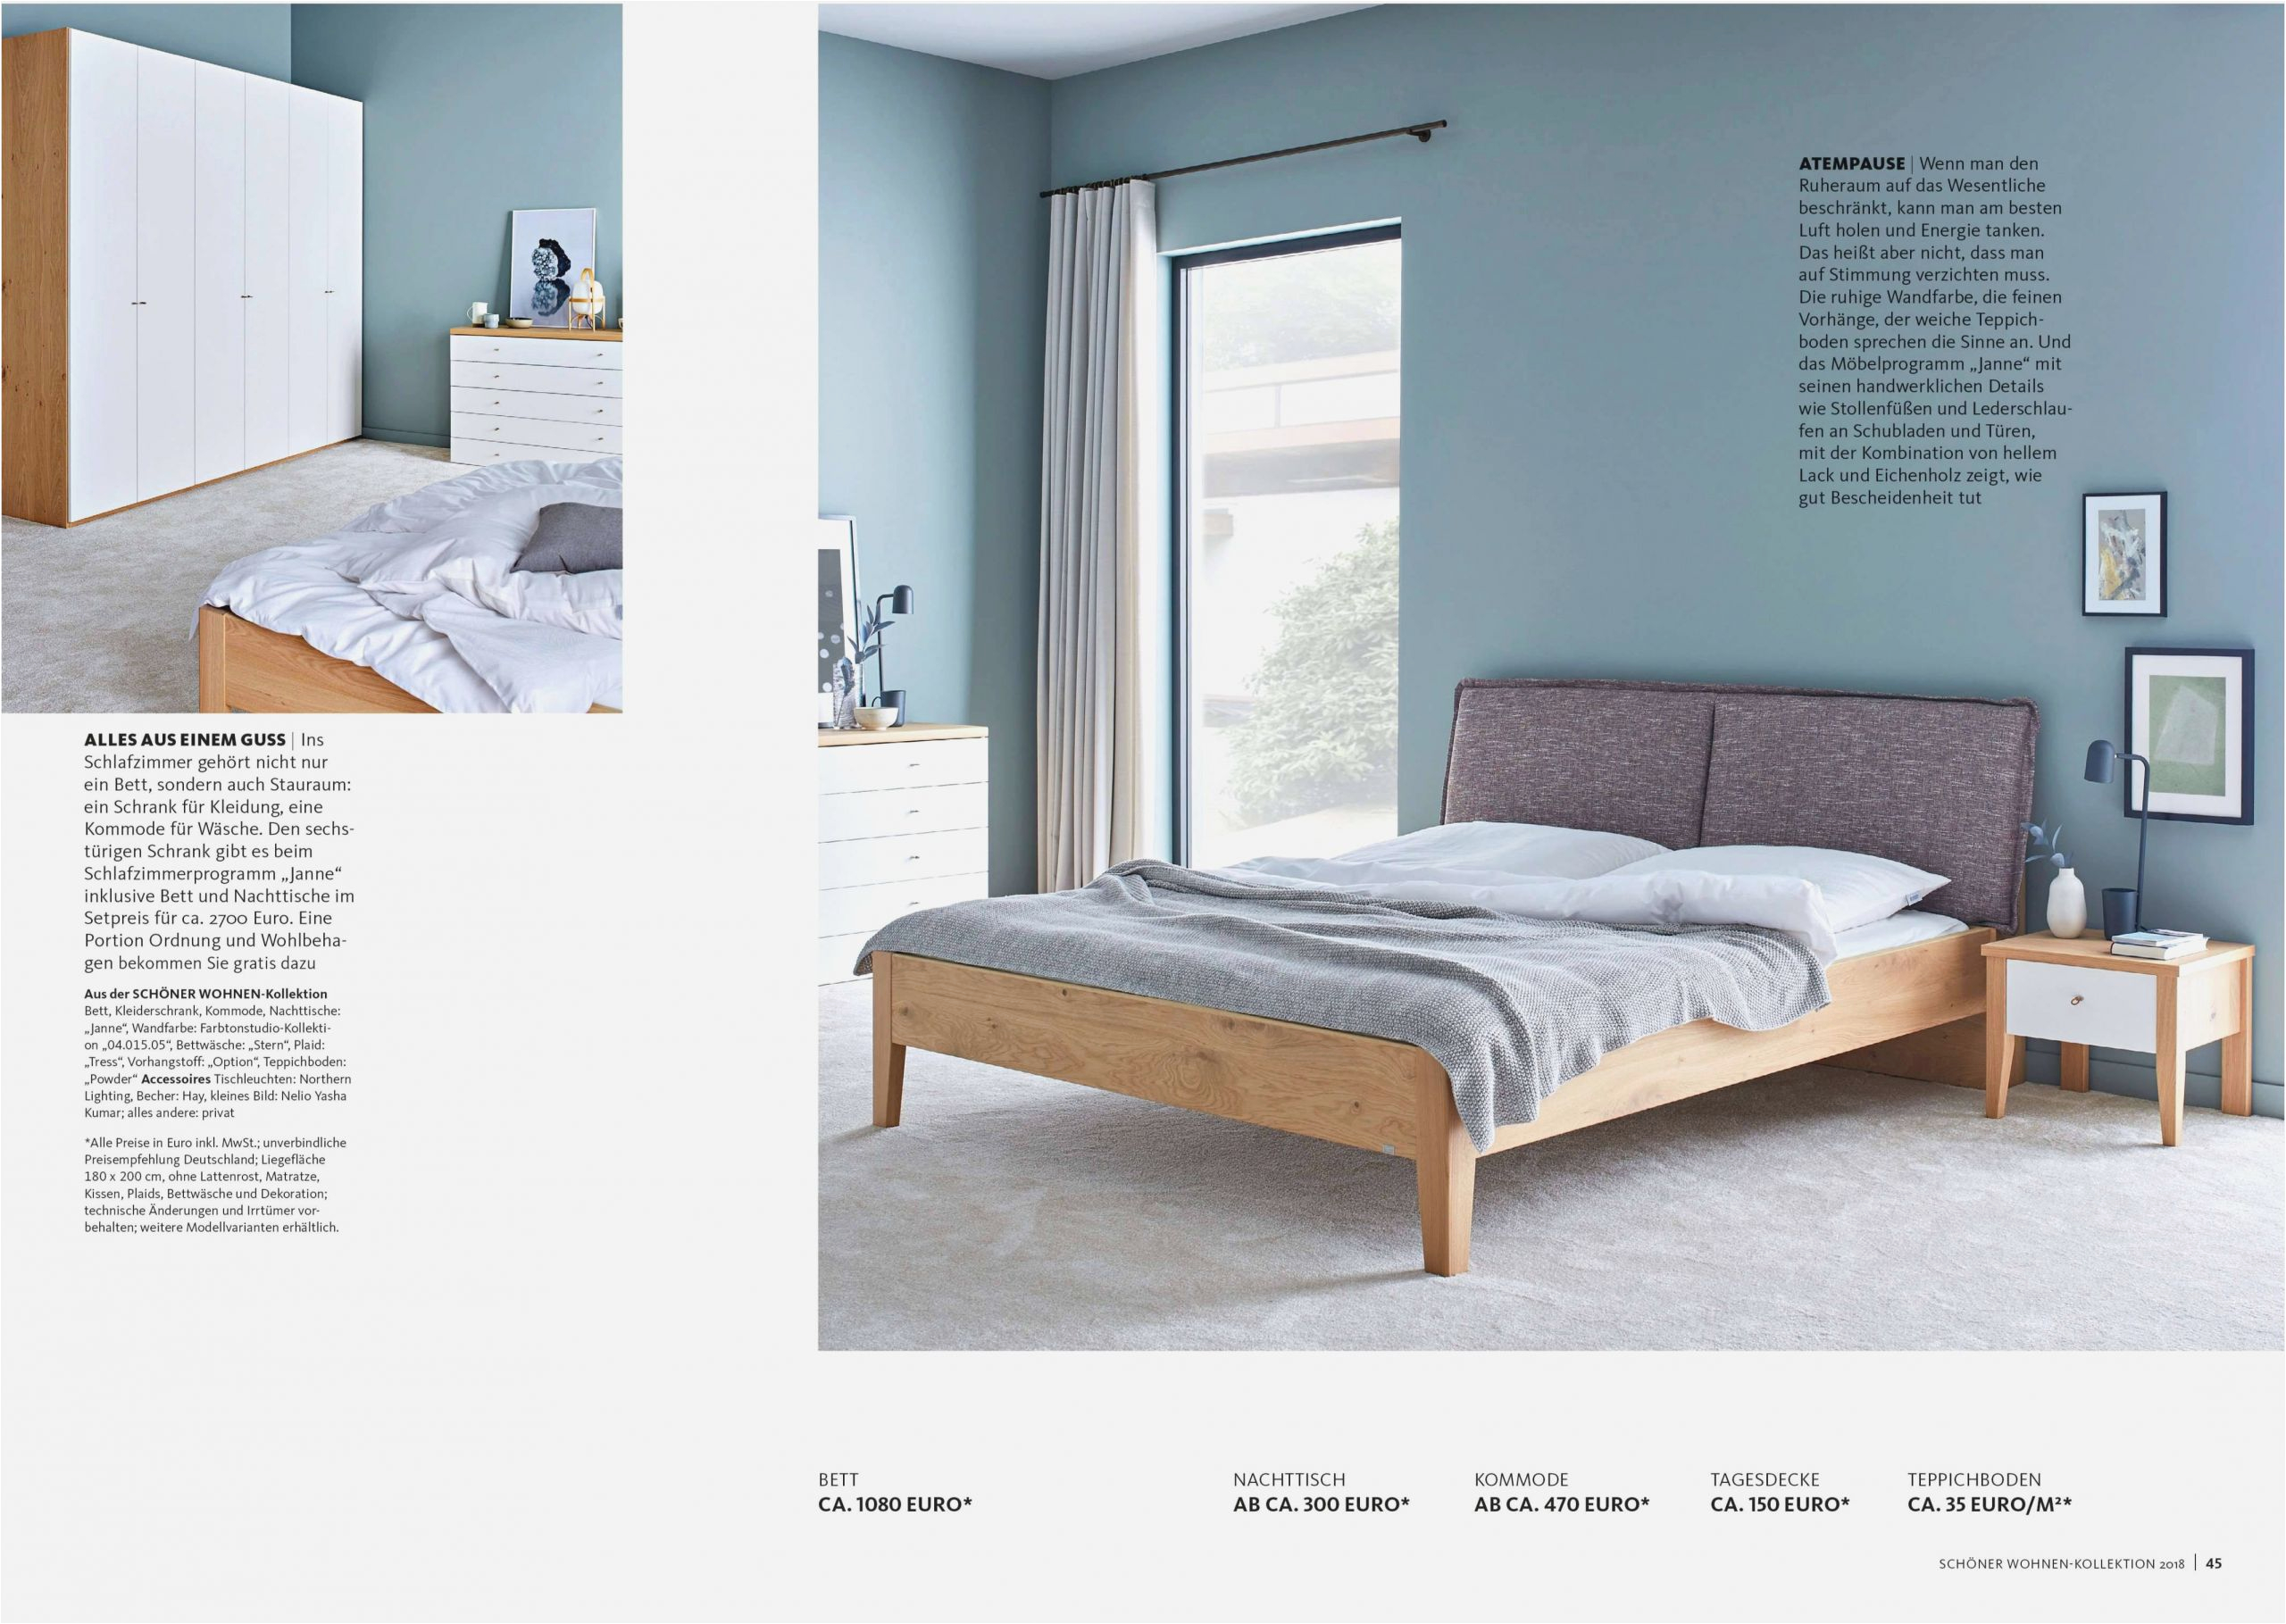 Ikea Schlafzimmer ordnung Ikea Schlafzimmer Schrsnk Schlafzimmer Traumhaus